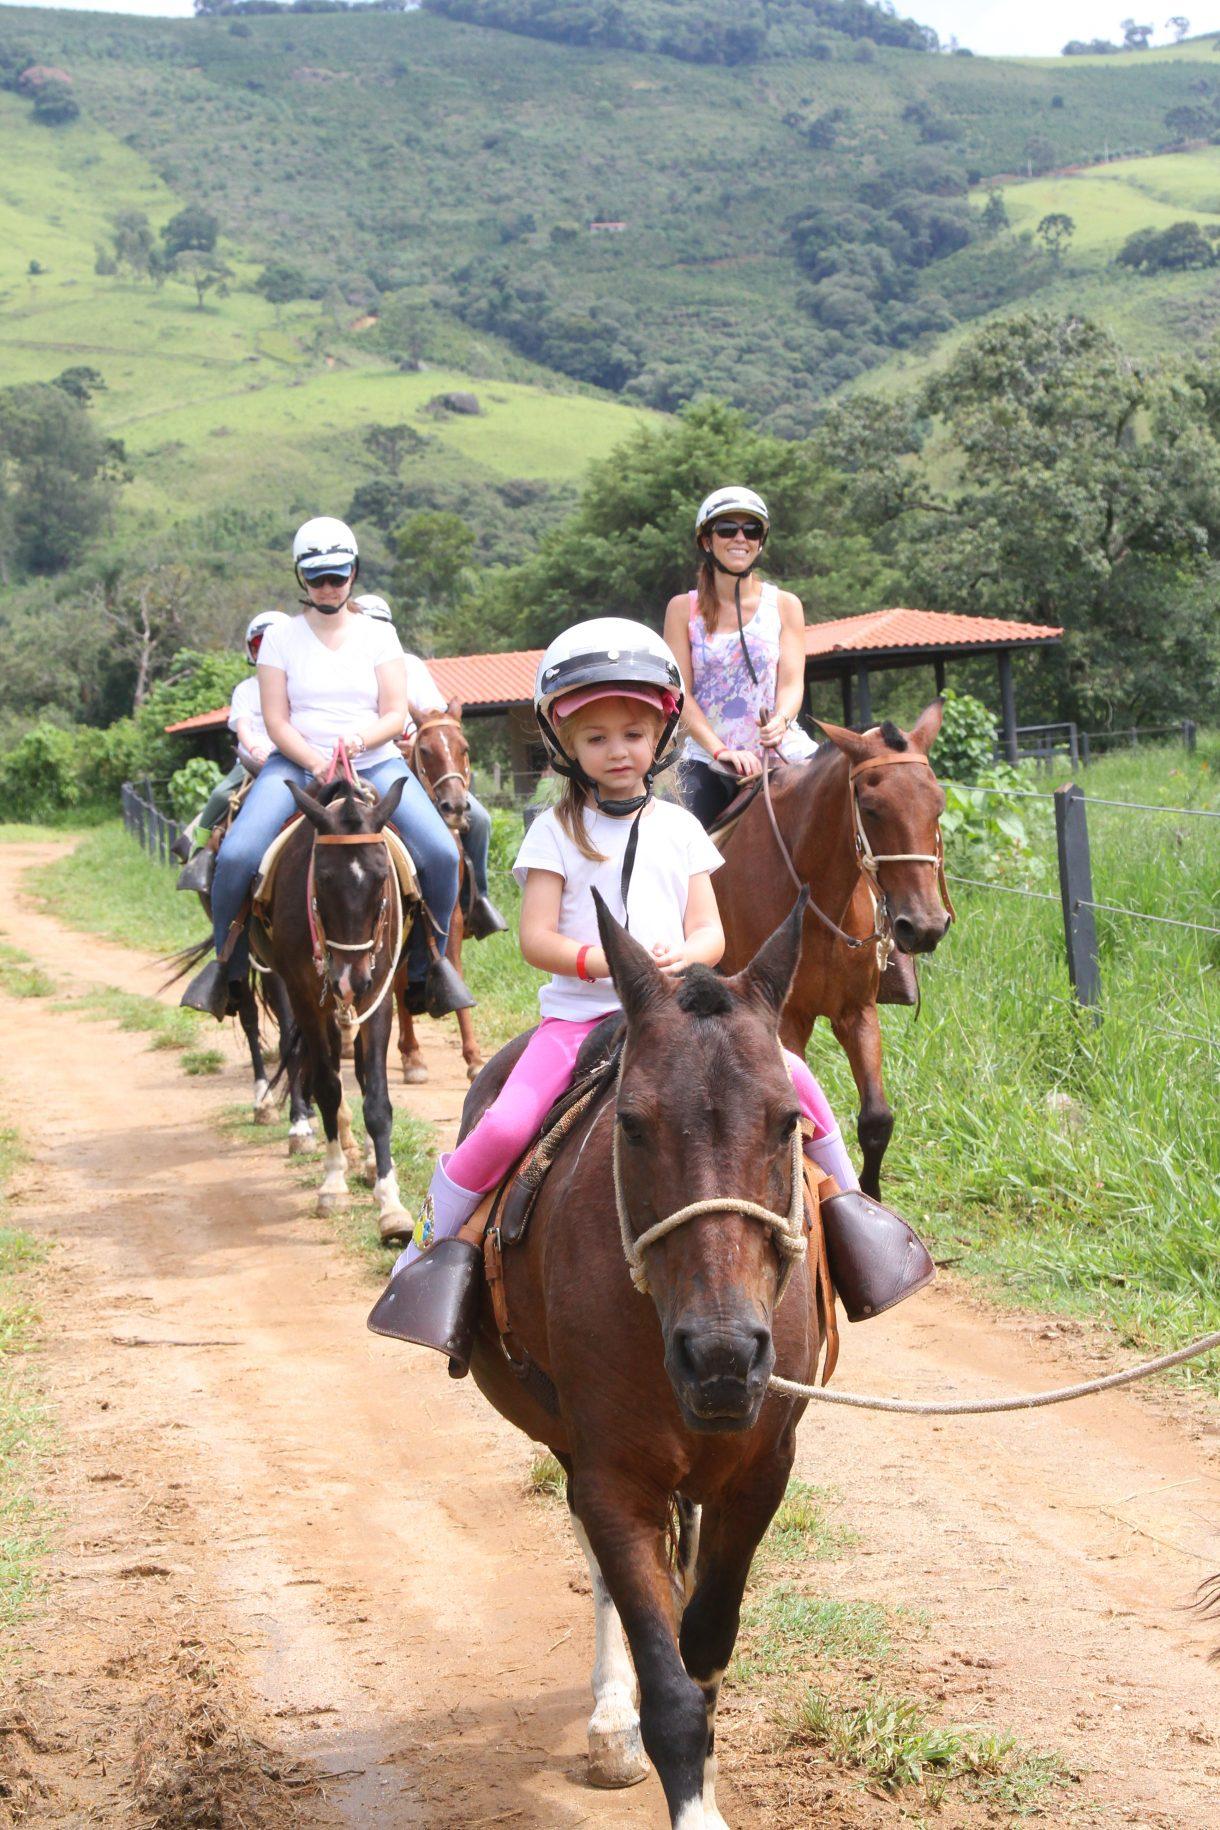 Uma criança pequena fazendo o passeio de ponei pelo hotel fazenda parque dos sonhos, e 4 adultos fazendo o passeio de cavalo